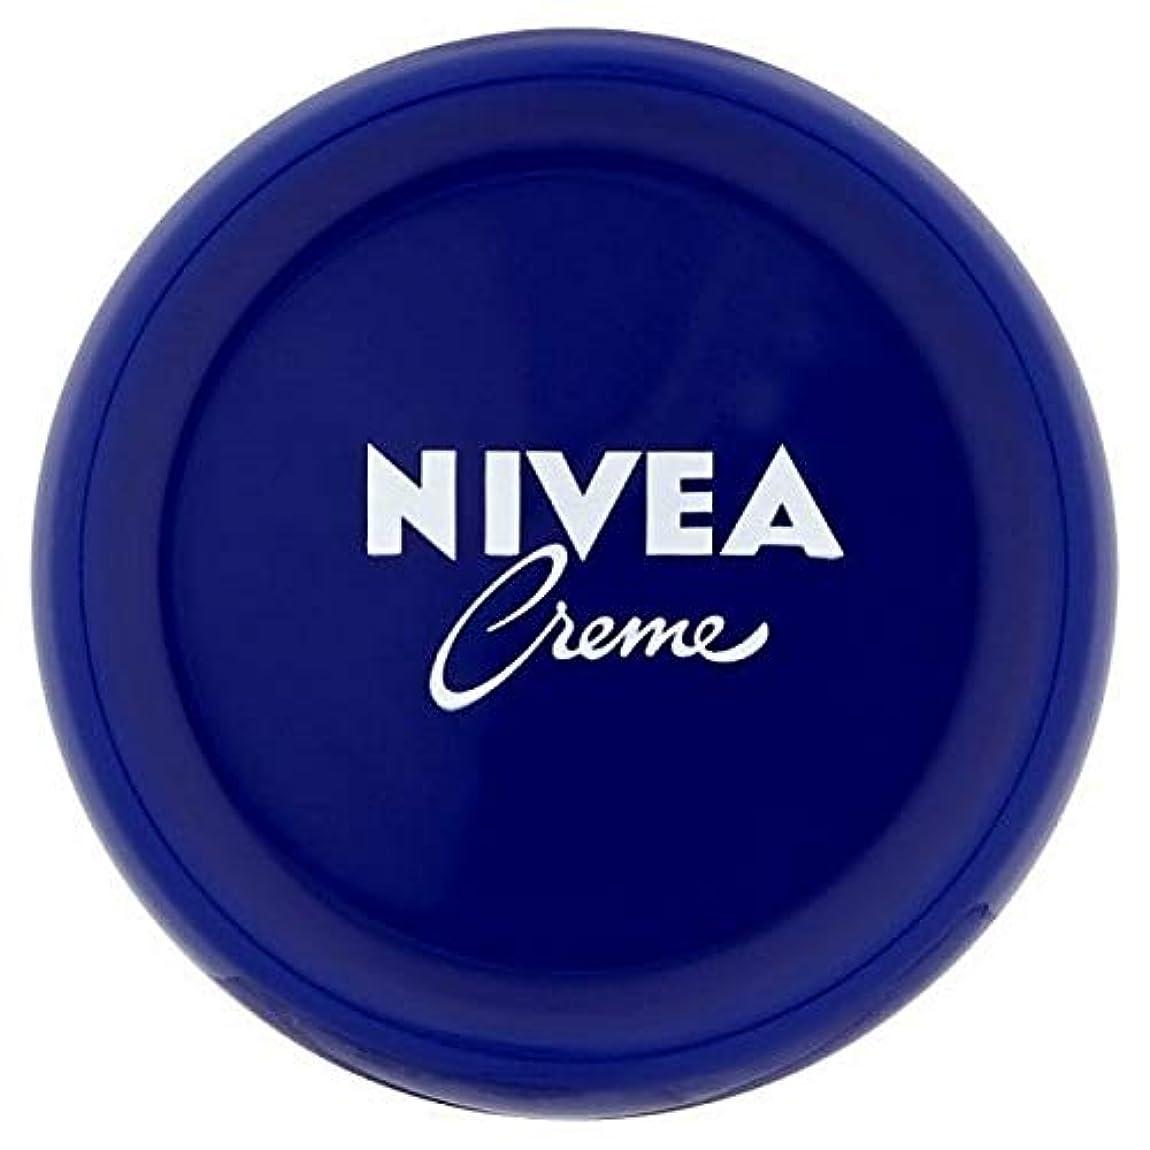 大事にするクスコ請求可能[Nivea ] ニベアクリーム万能ボディクリーム、50ミリリットル - NIVEA Creme All Purpose Body Cream, 50ml [並行輸入品]